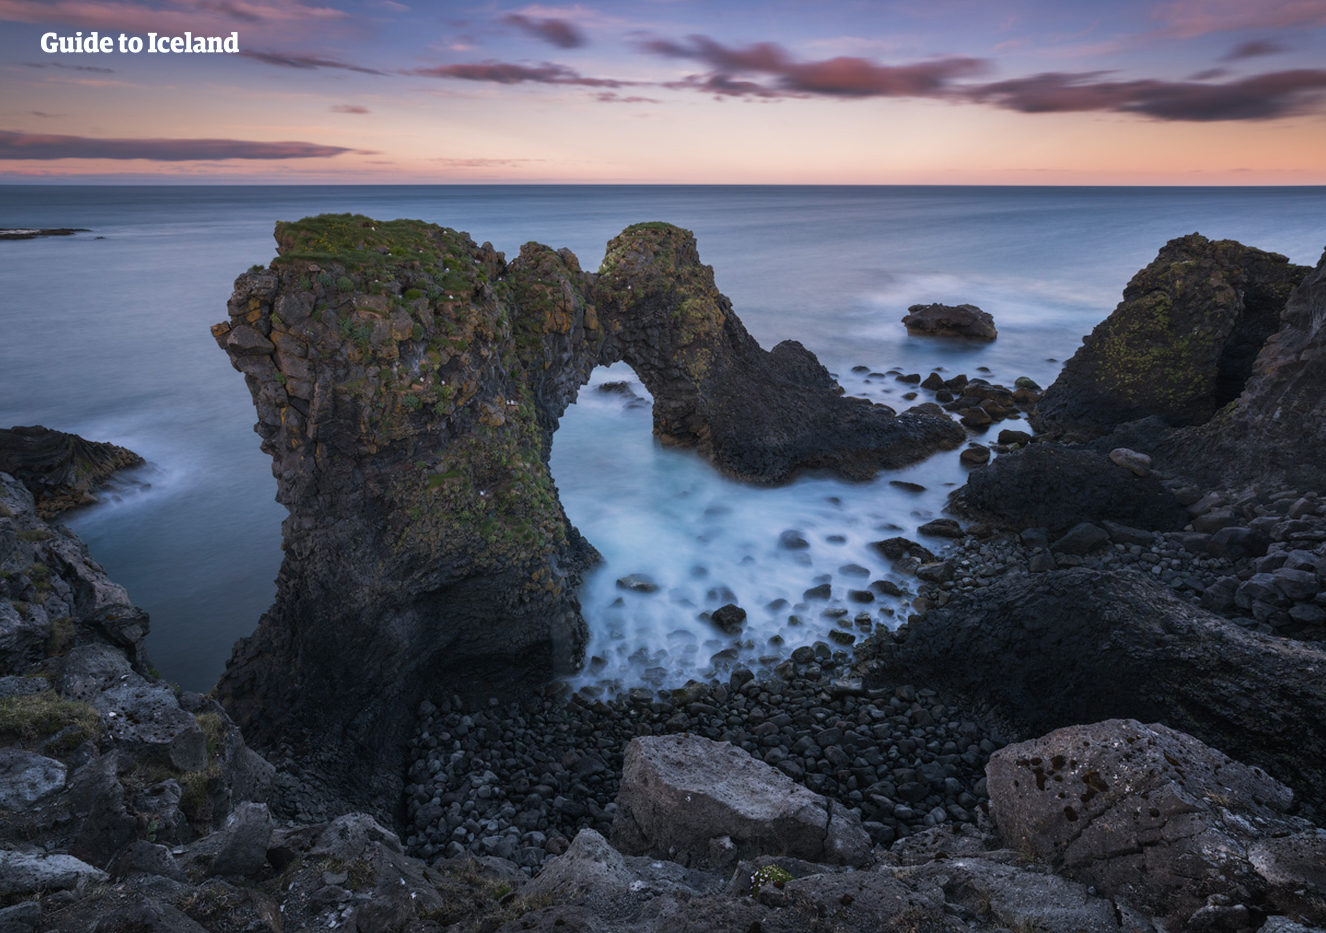 Gatklettur is maar een van de vele fantastische rotsformaties op het schiereiland Snæfellsnes in West-IJsland.